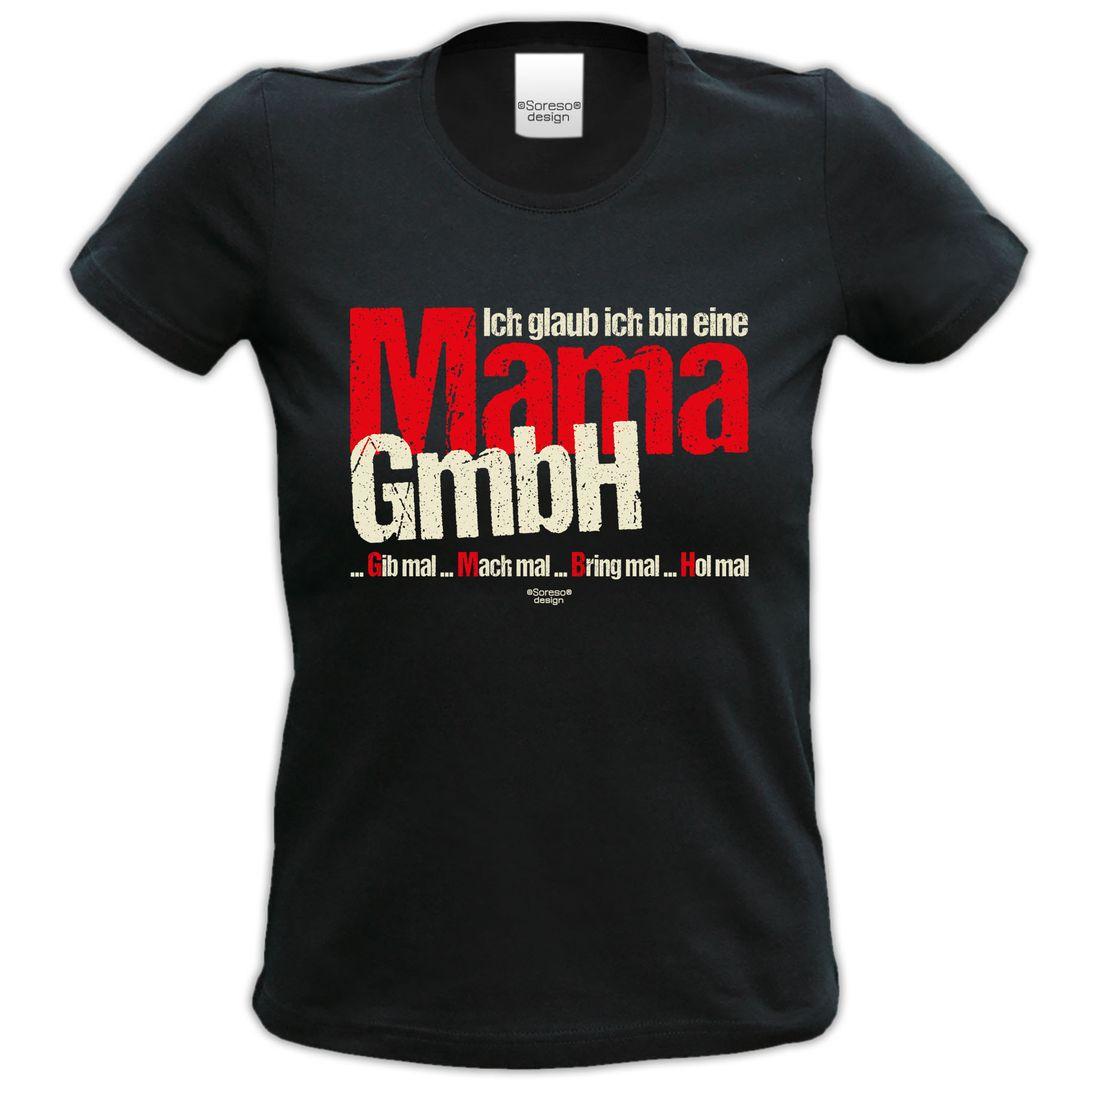 T-Shirt Damen - Ich glaub ich bin eine Mama GmbH - Damenshirt ...